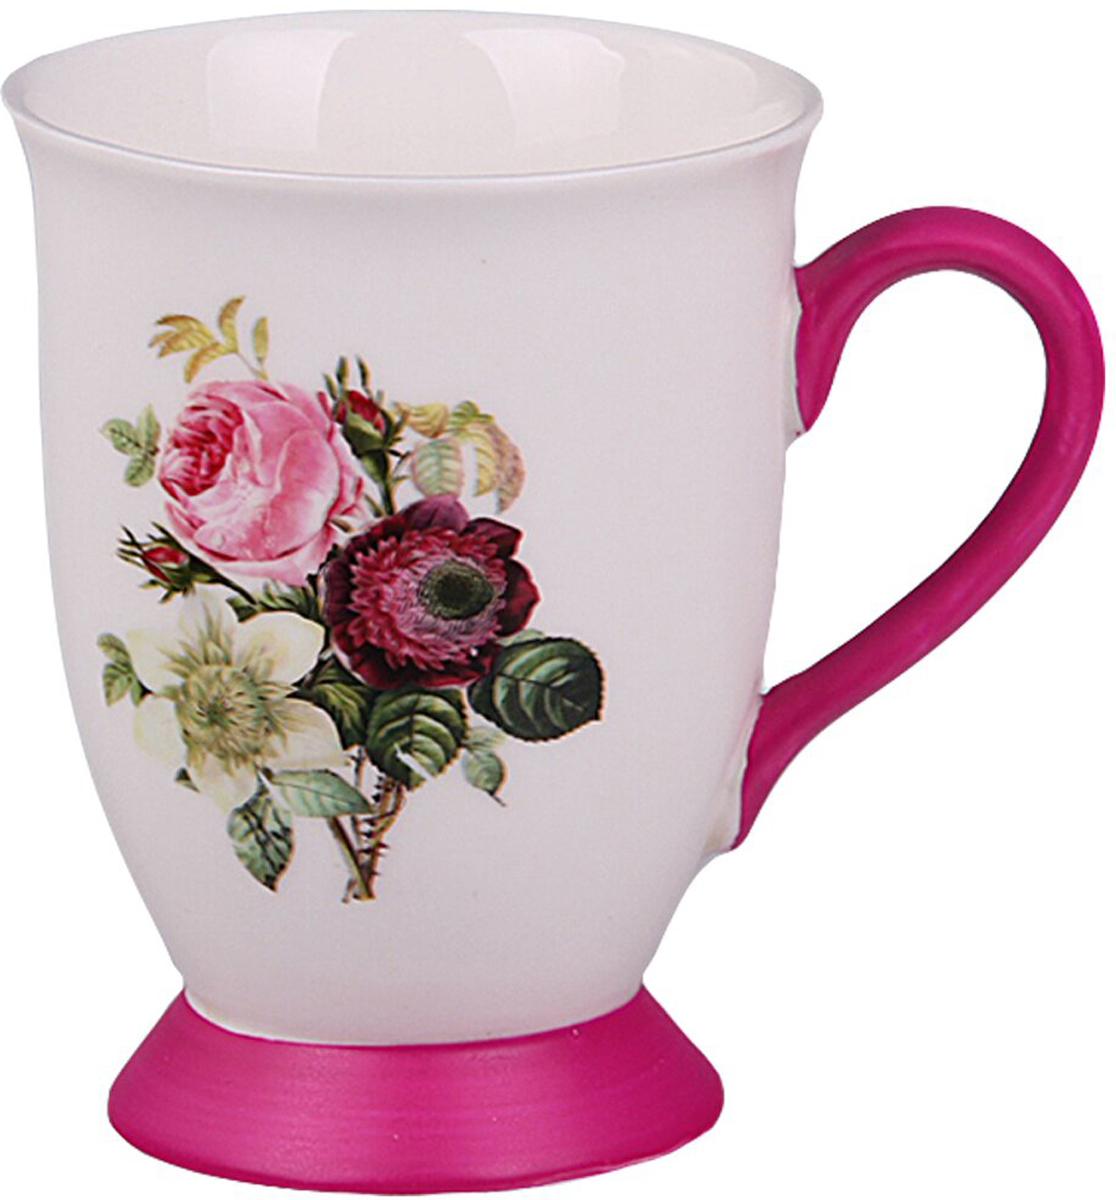 """Универсальная расцветка и дизайн фарфоровой кружки """"Patricia"""" подойдет буквально к любому интерьеру. Это необходимый предмет, без которого невозможен комфорт и уют."""